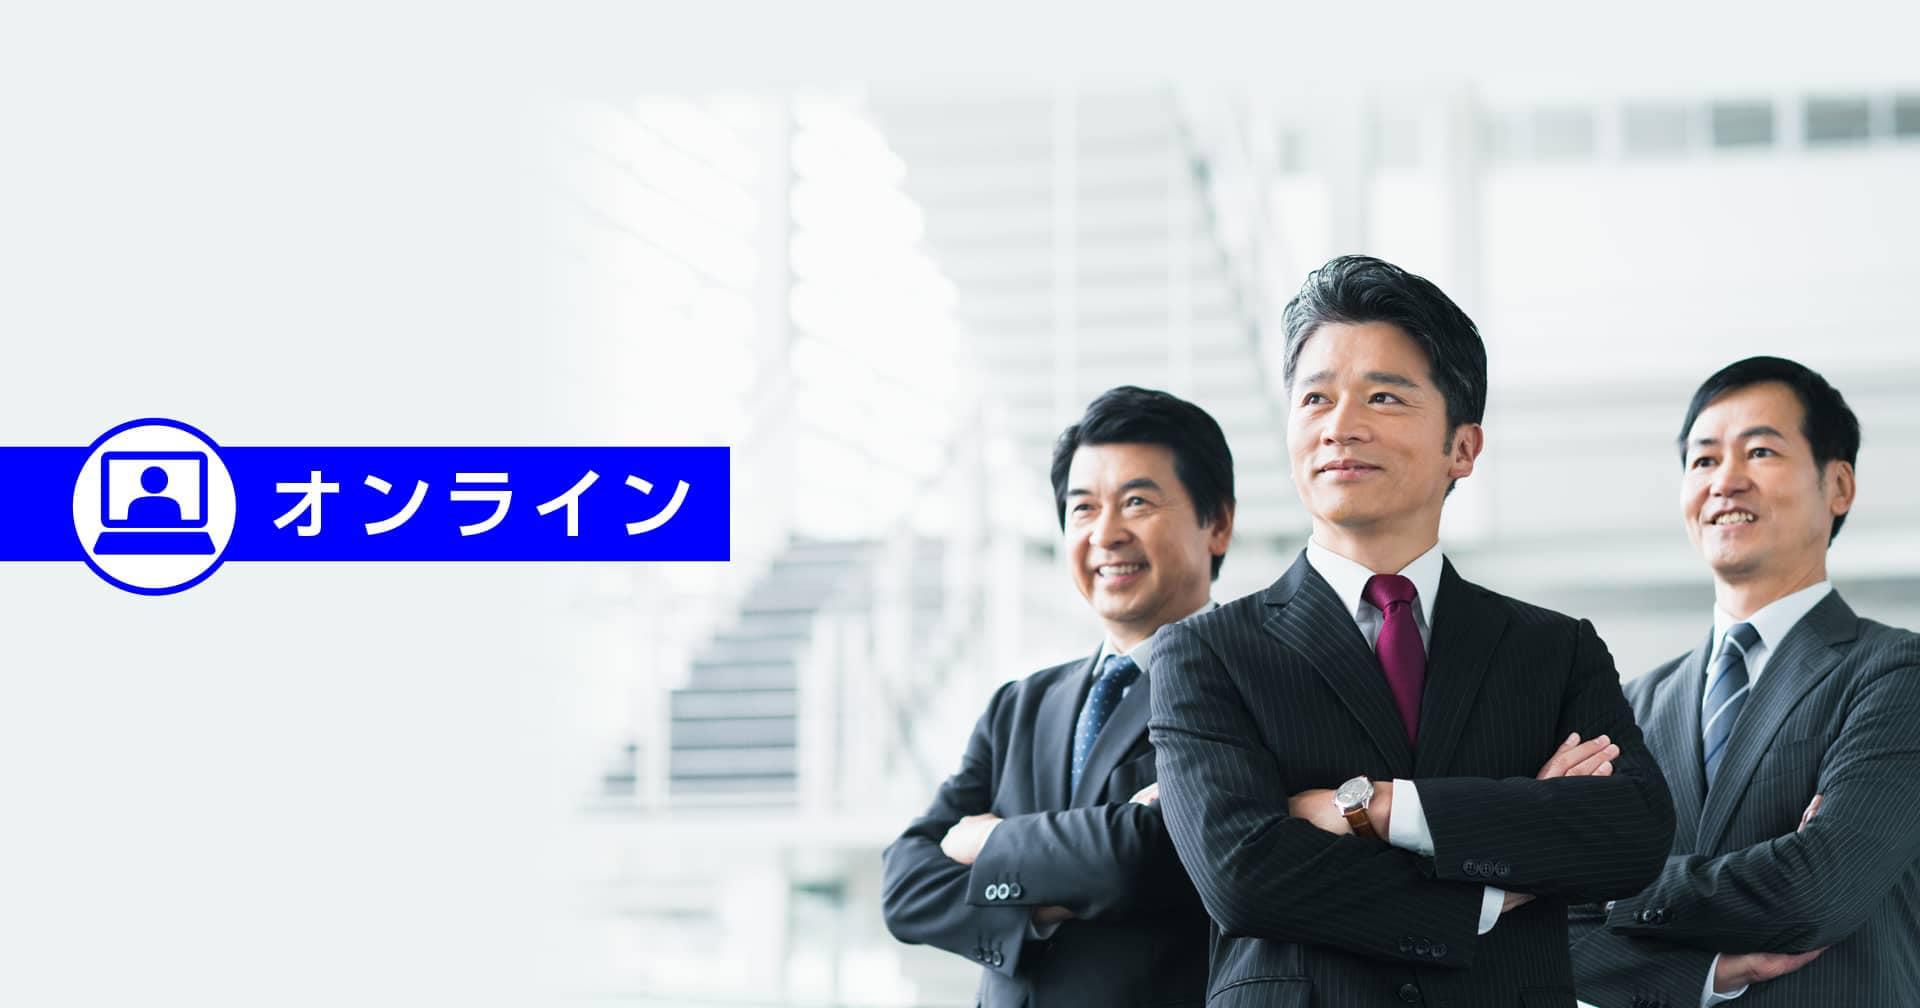 【オンライン版】部長研修 部長力強化コース(1日)